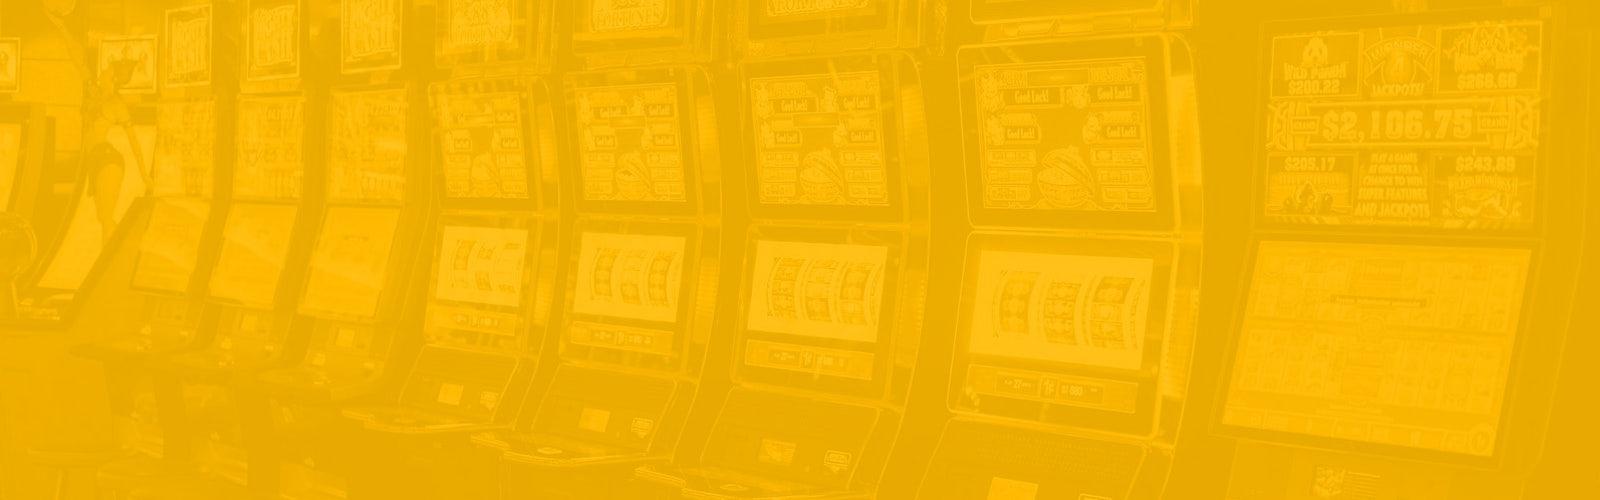 Online casino games india 3